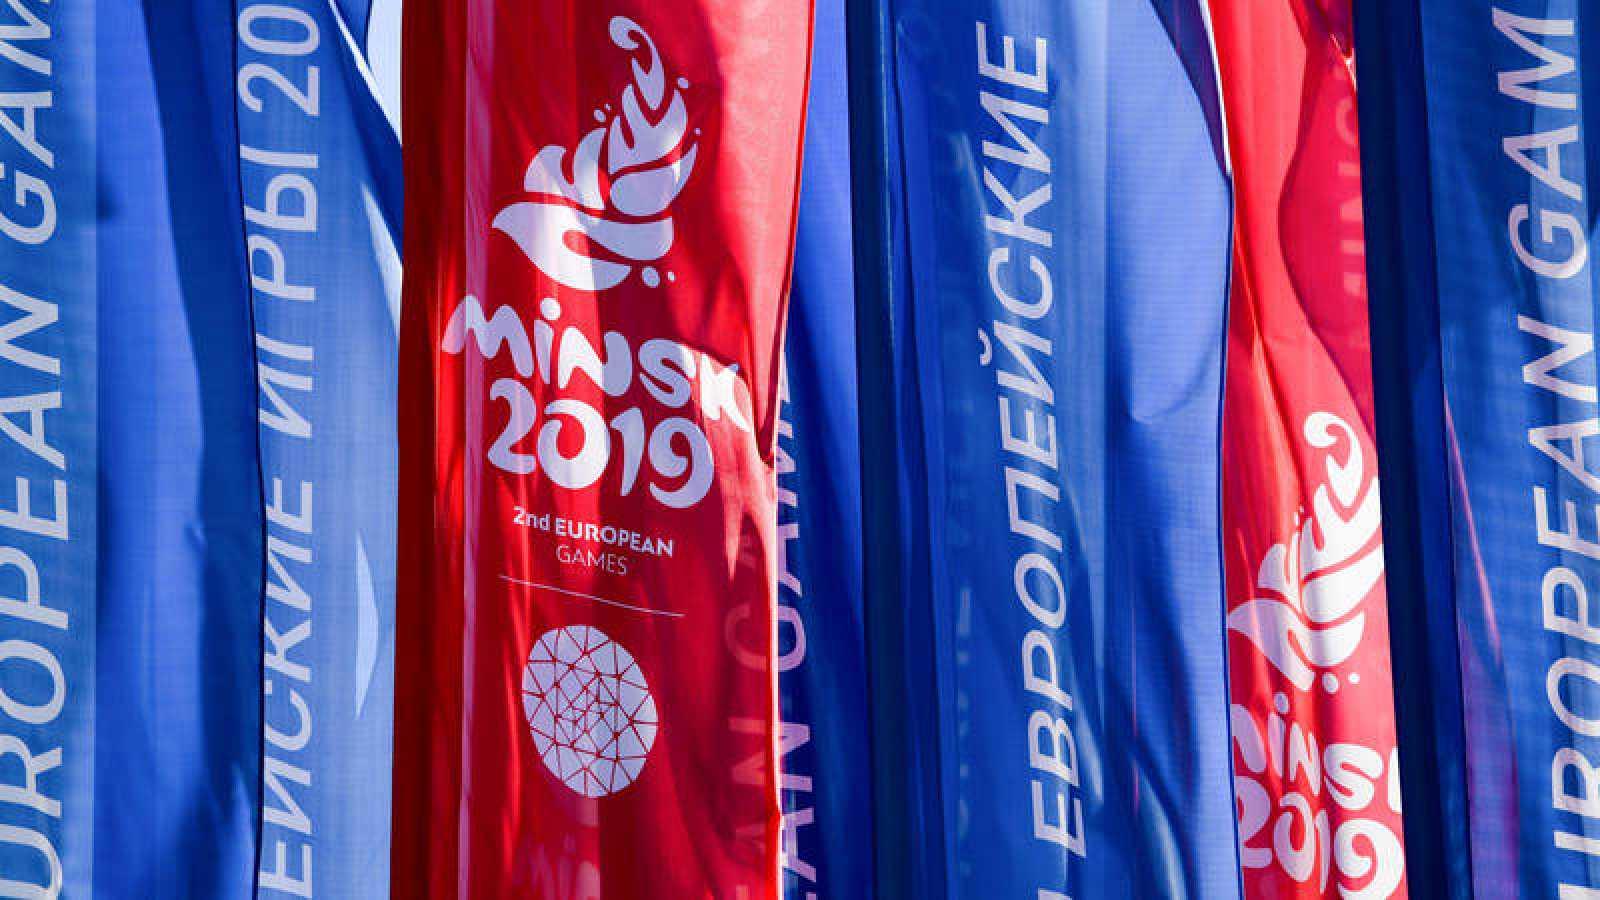 Banderas de los Juegos Europeos, en Minsk (Bielorrusia).